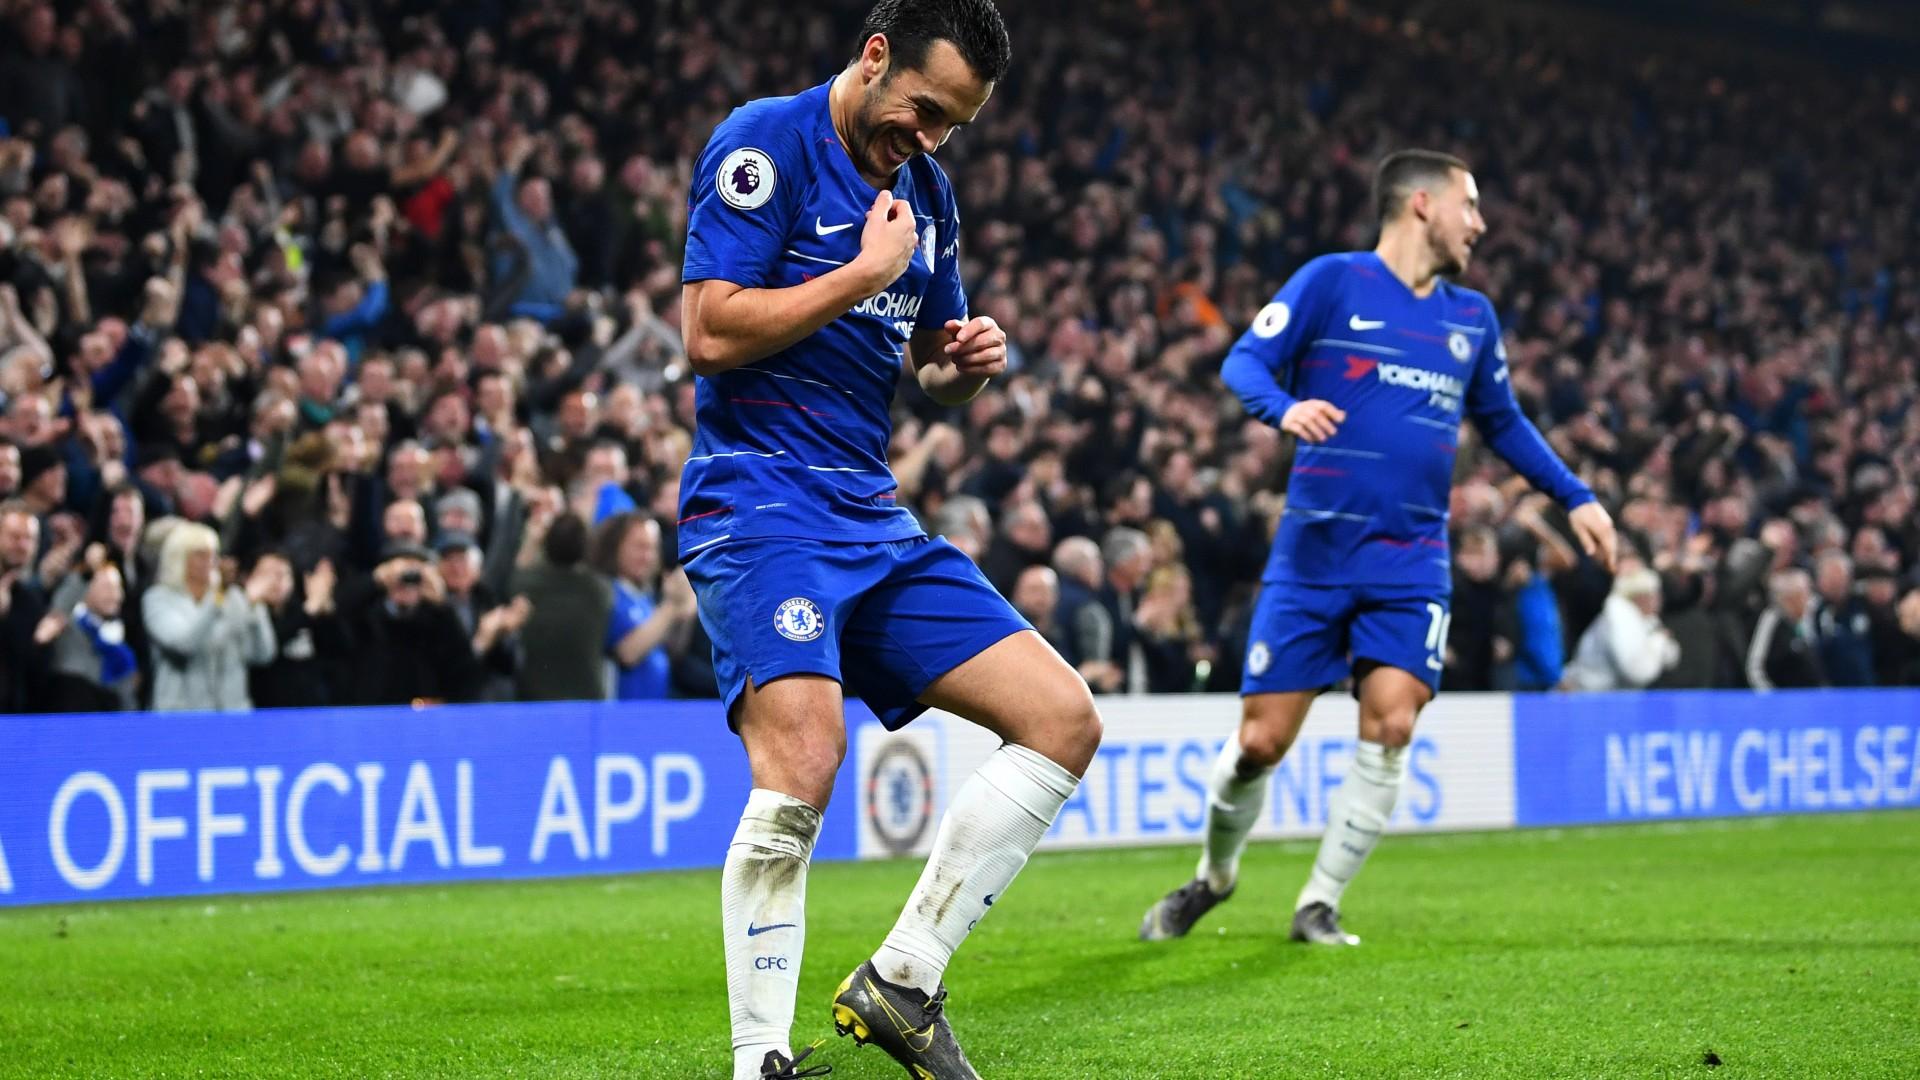 ¡Báilalo, Pedrito! Así celebró el Chelsea con su gente el pase a la Final de la Europa League